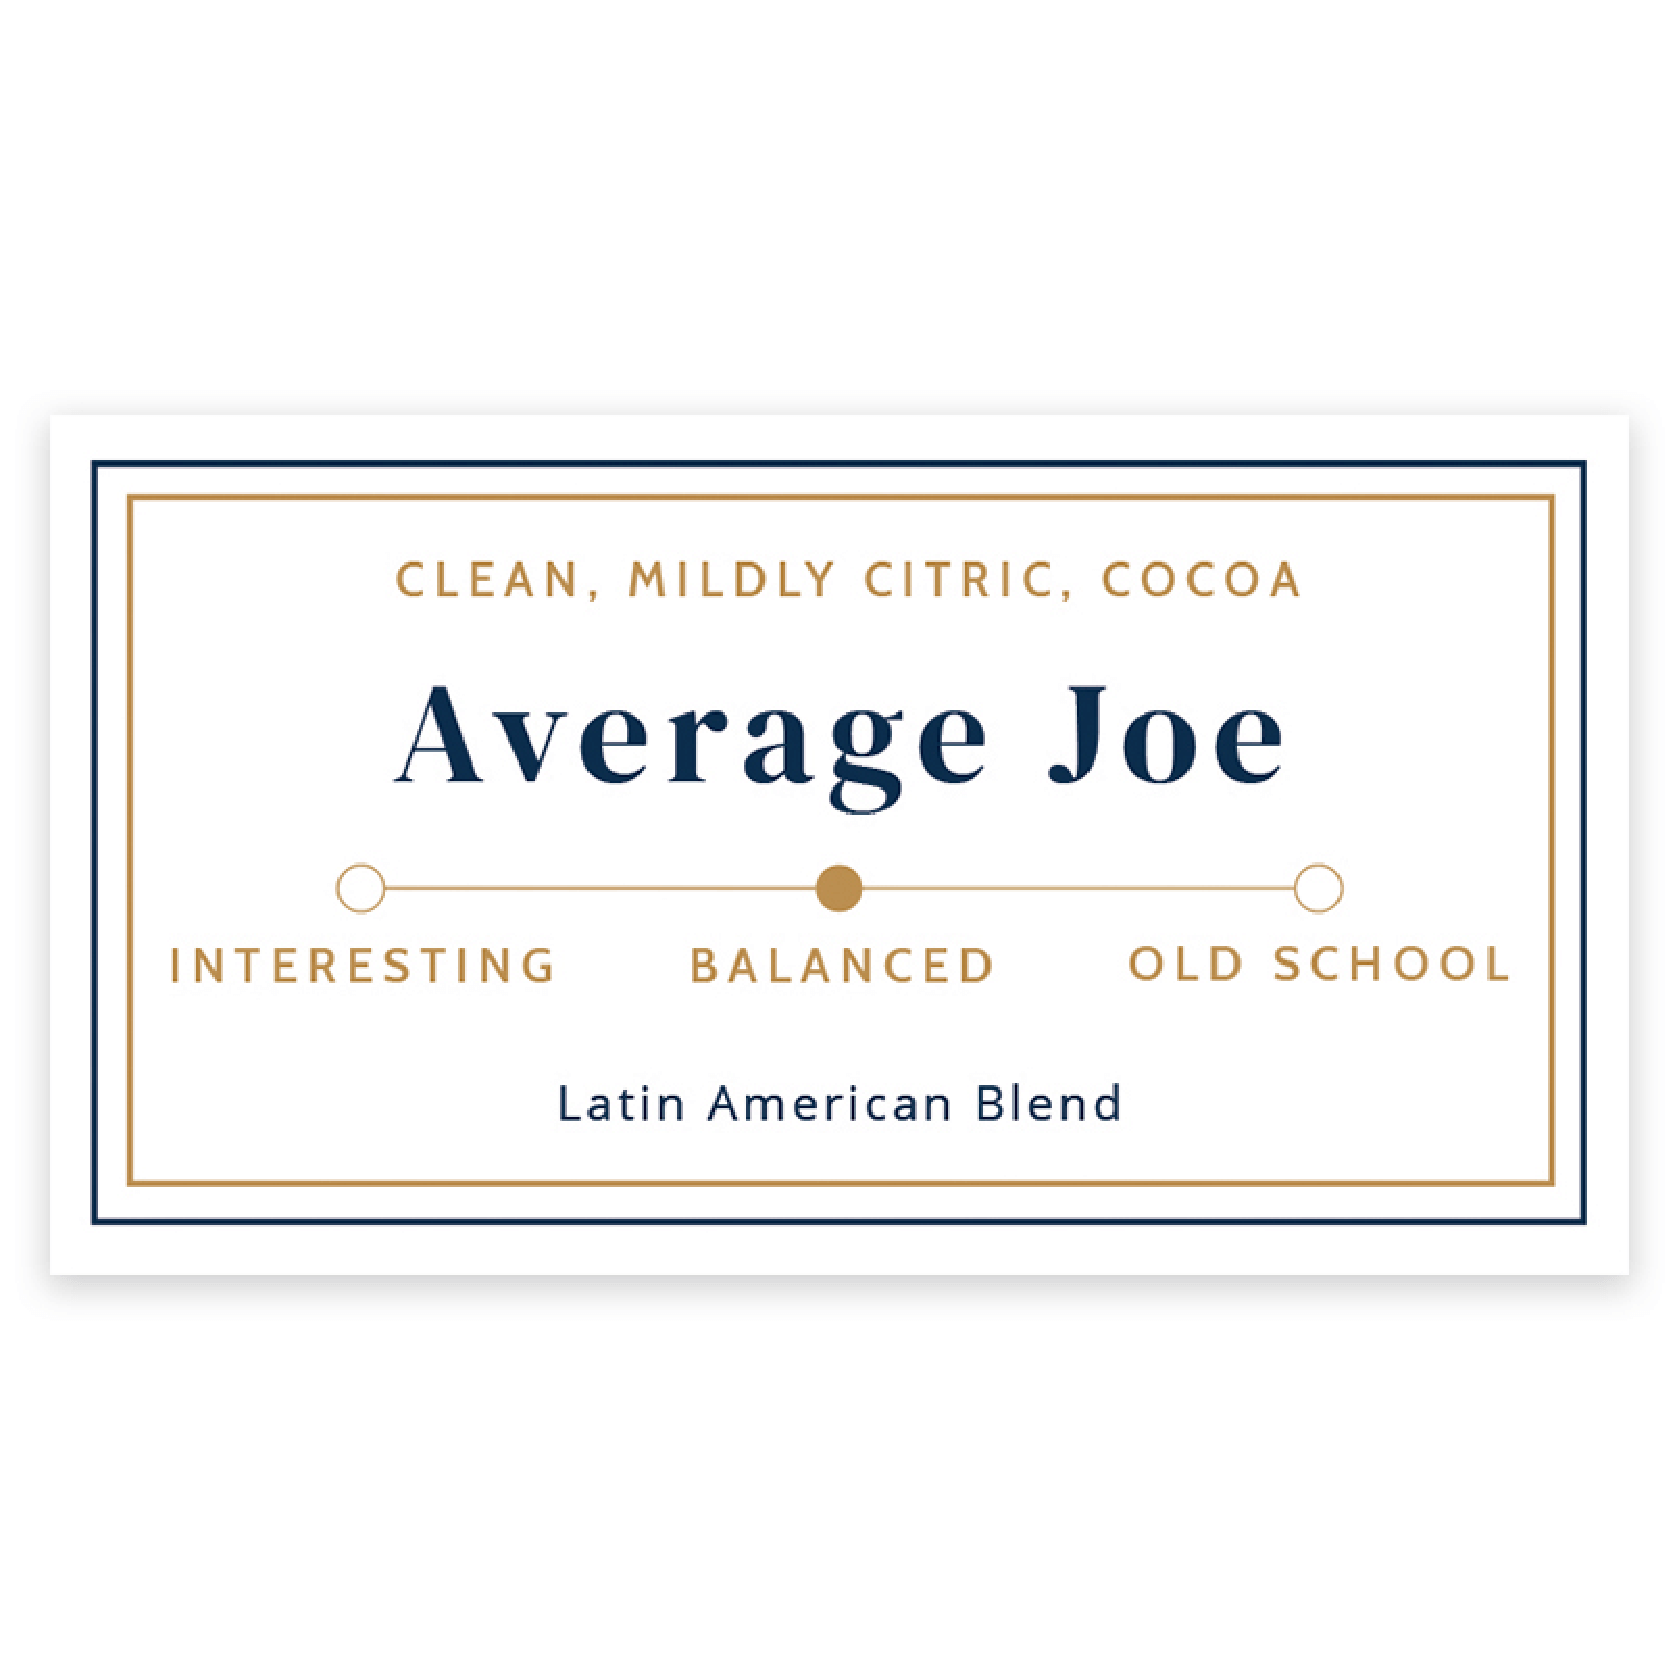 Average Joe from Evangelist Roasting Co